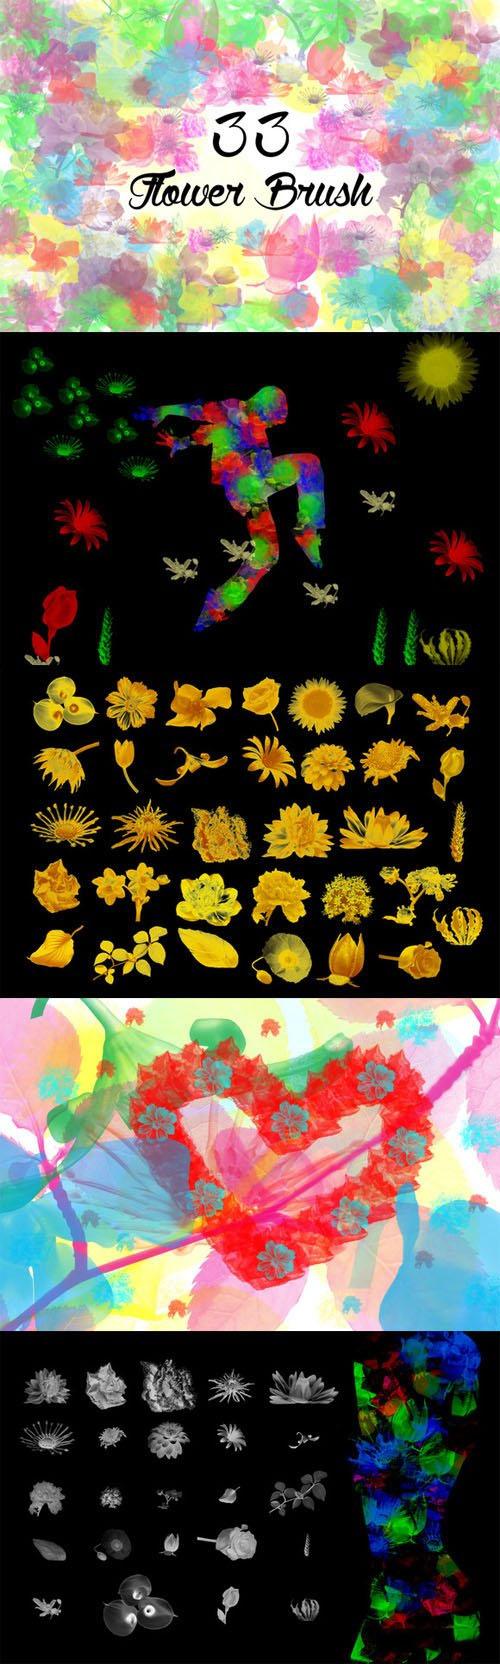 33个水彩花卉PS笔刷透明素材,花卉,花卉笔刷,PS笔刷